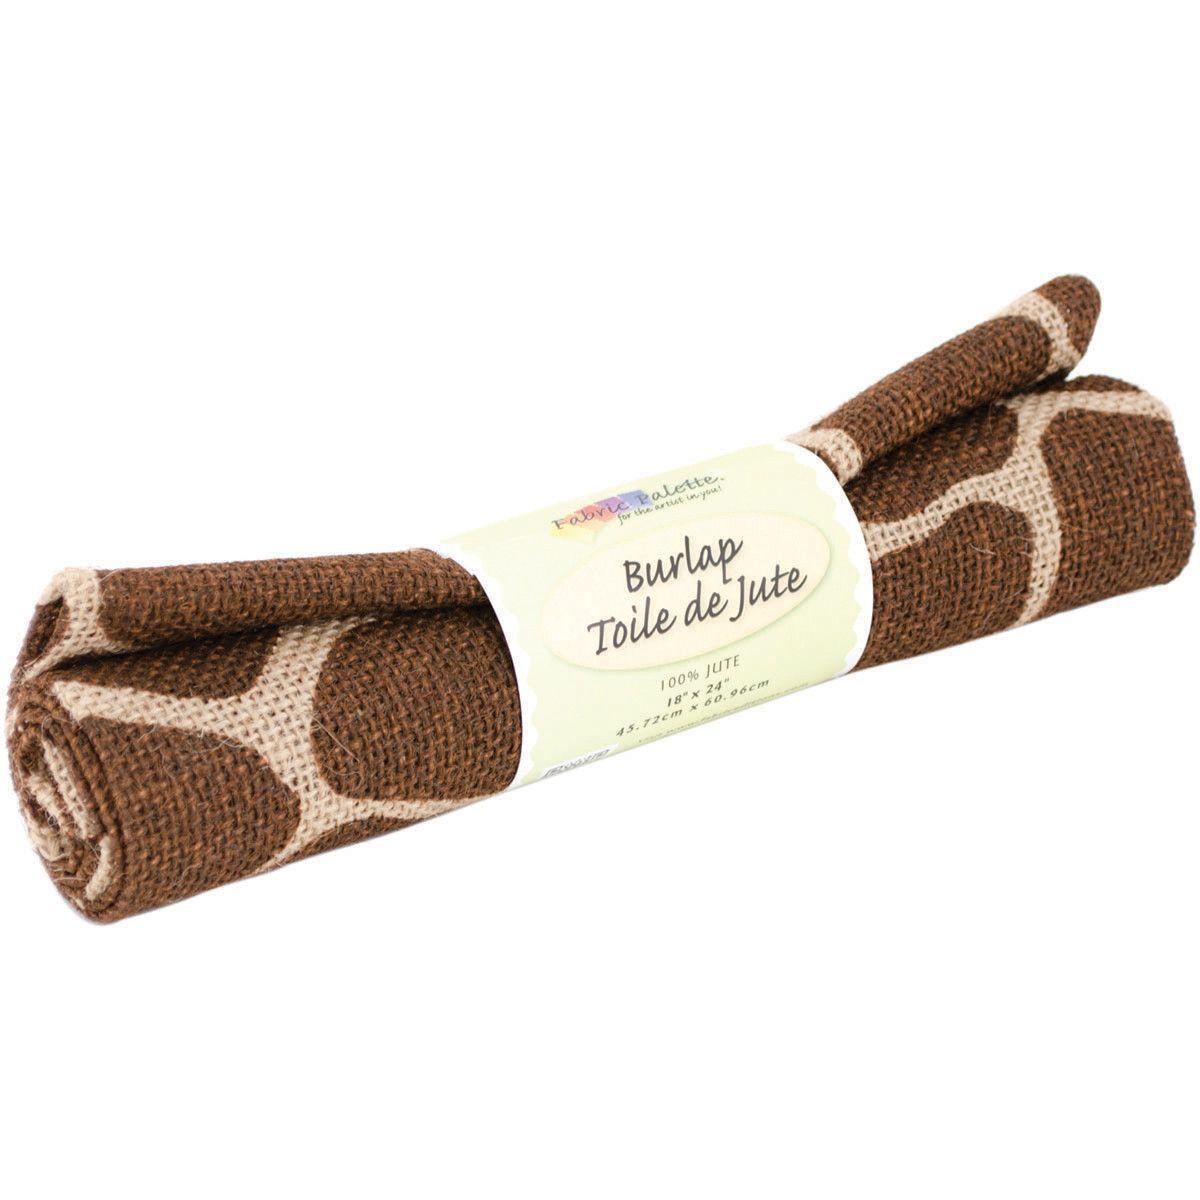 Fabric Palette Printed Burlap Giraffe Brown